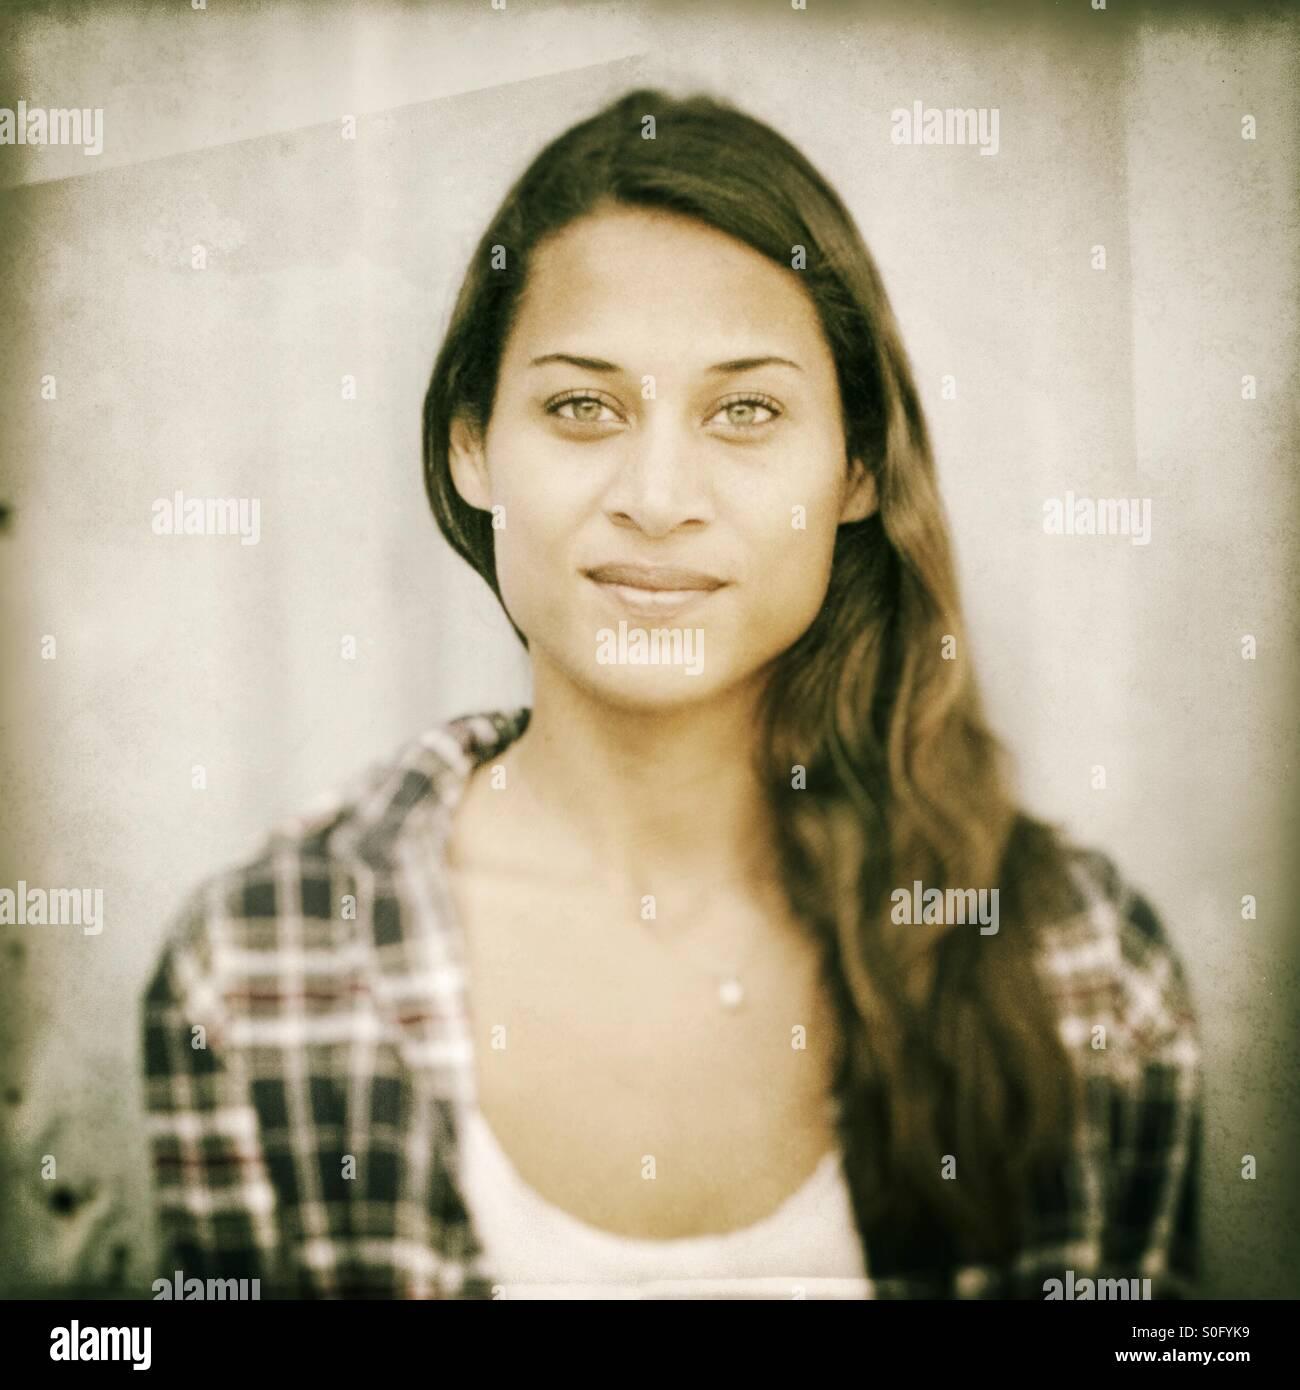 Porträt einer schönen Frau. Stockbild